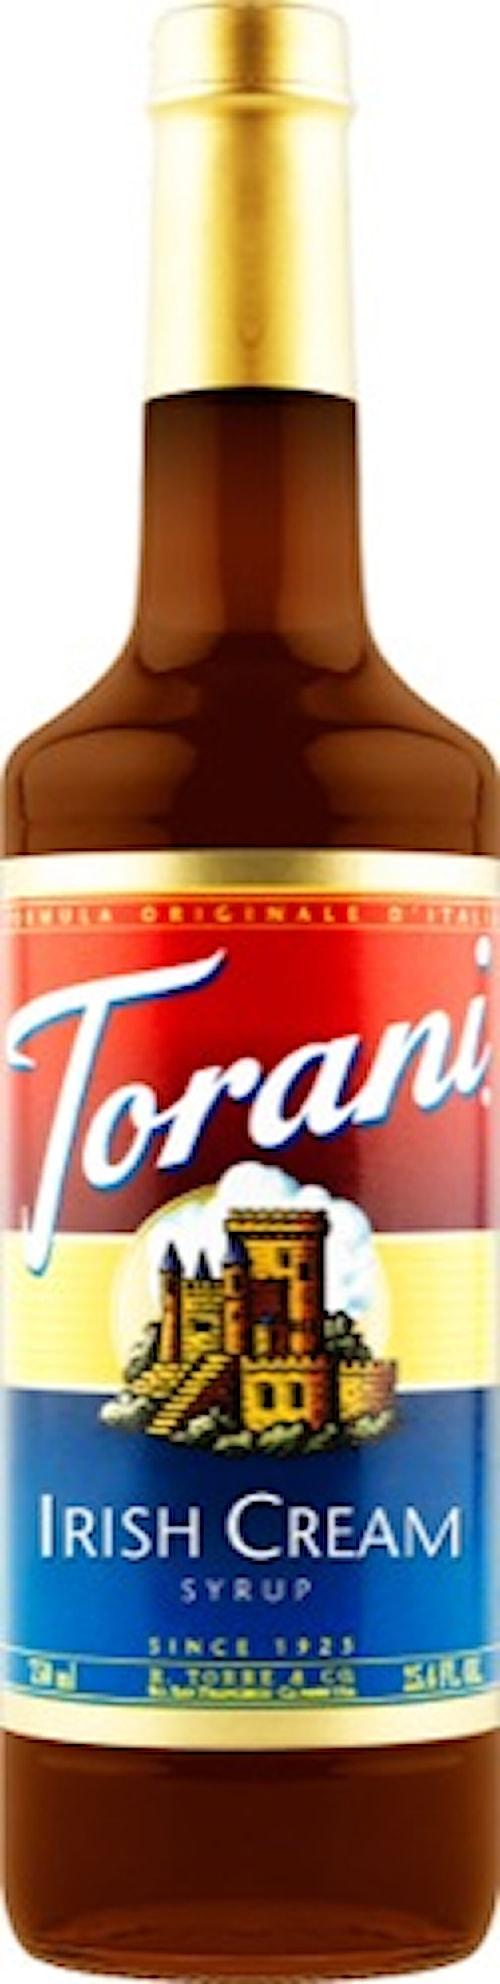 Irish Cream syrup 750ml